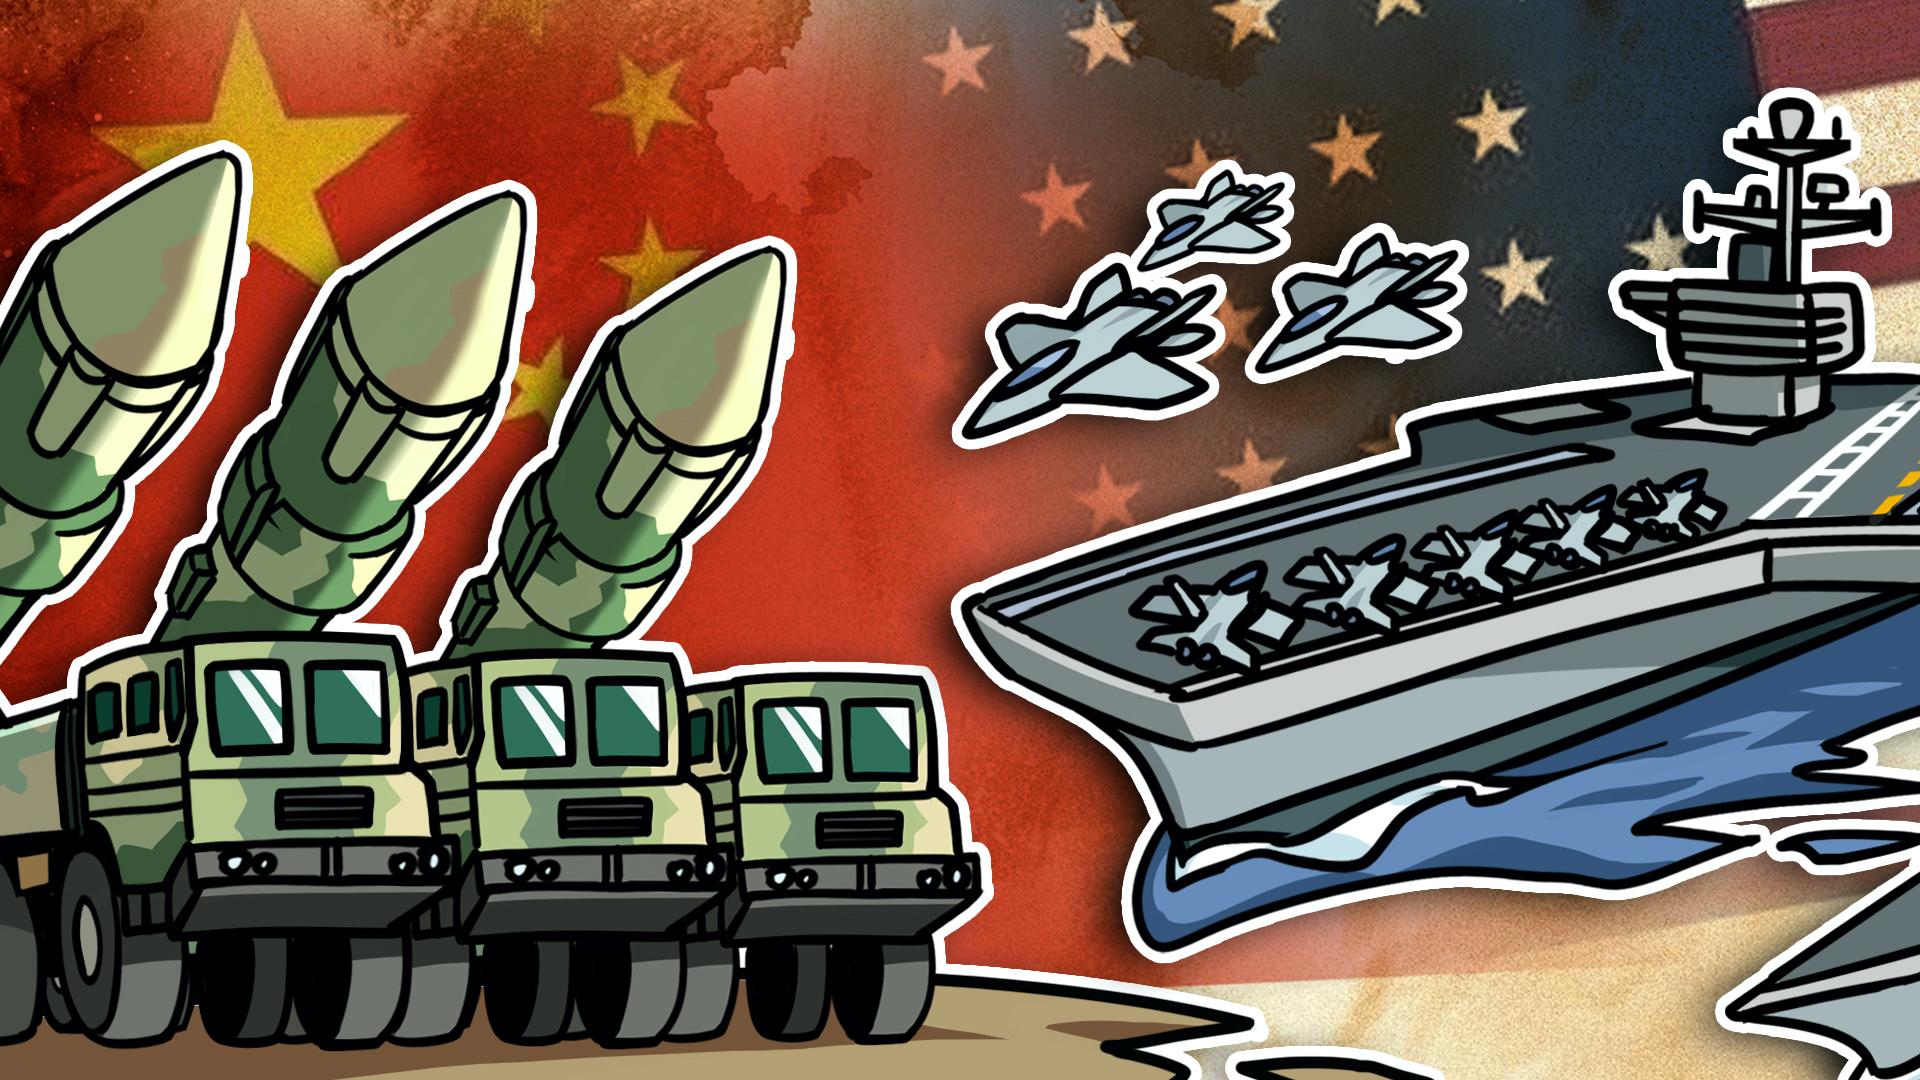 【大国角斗】中美爆发战争会怎样?核大战的门槛有多高?